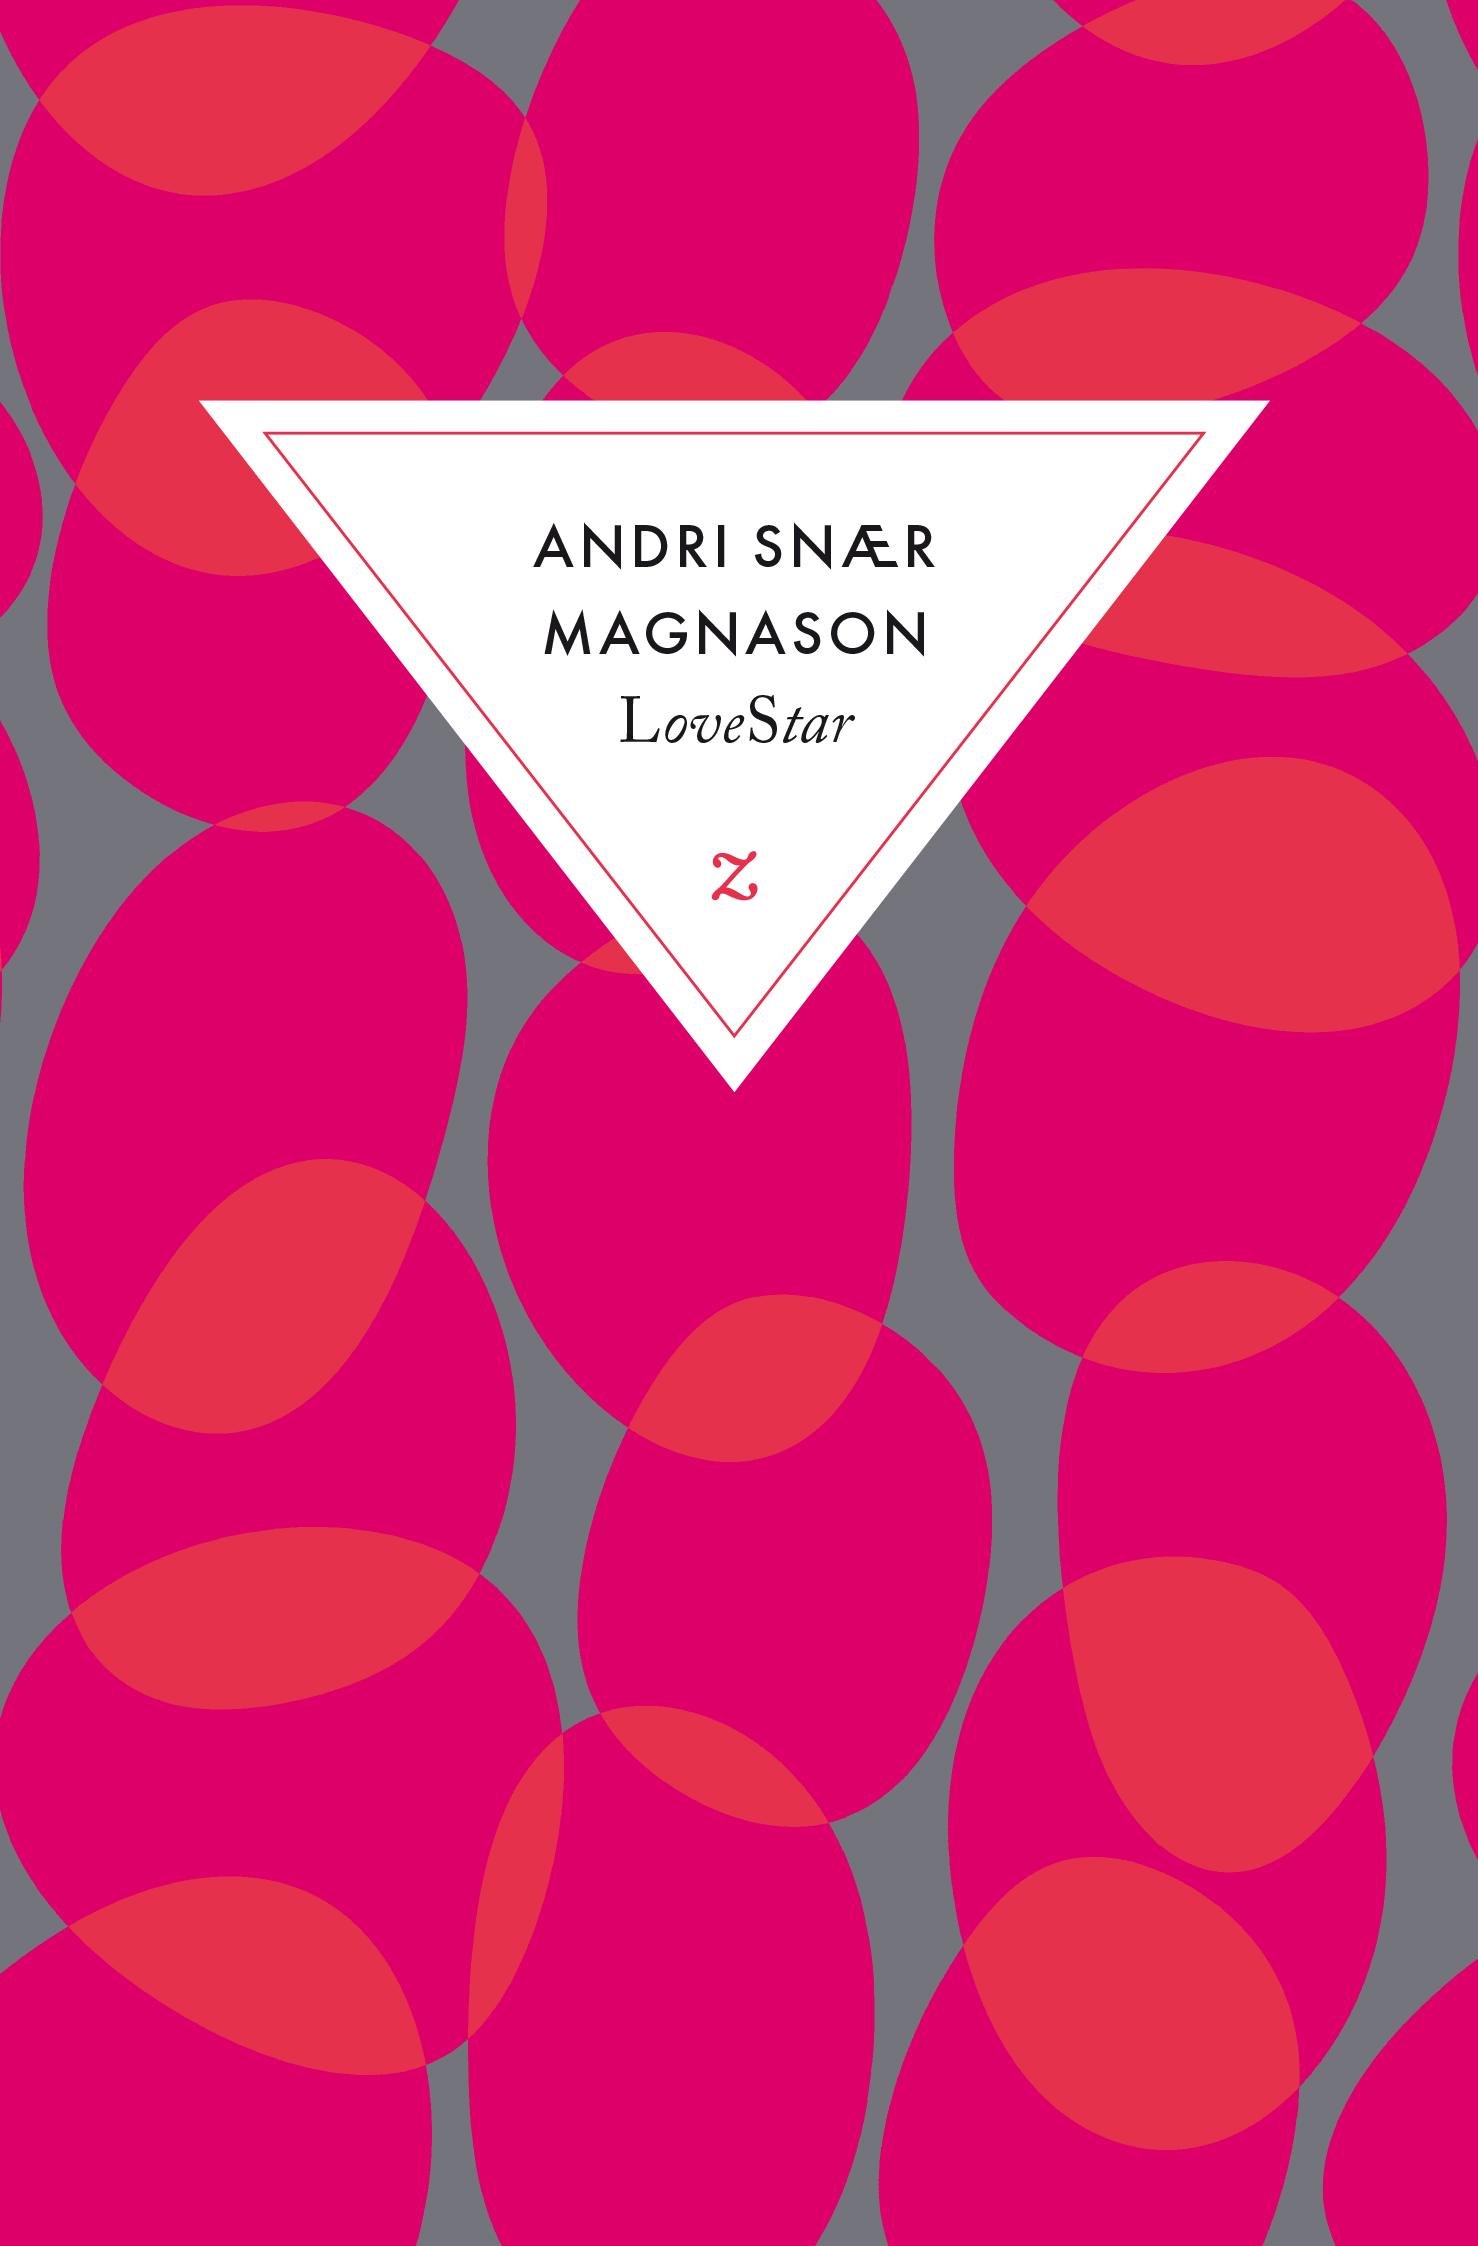 LoveStar Andri Snær Magnason